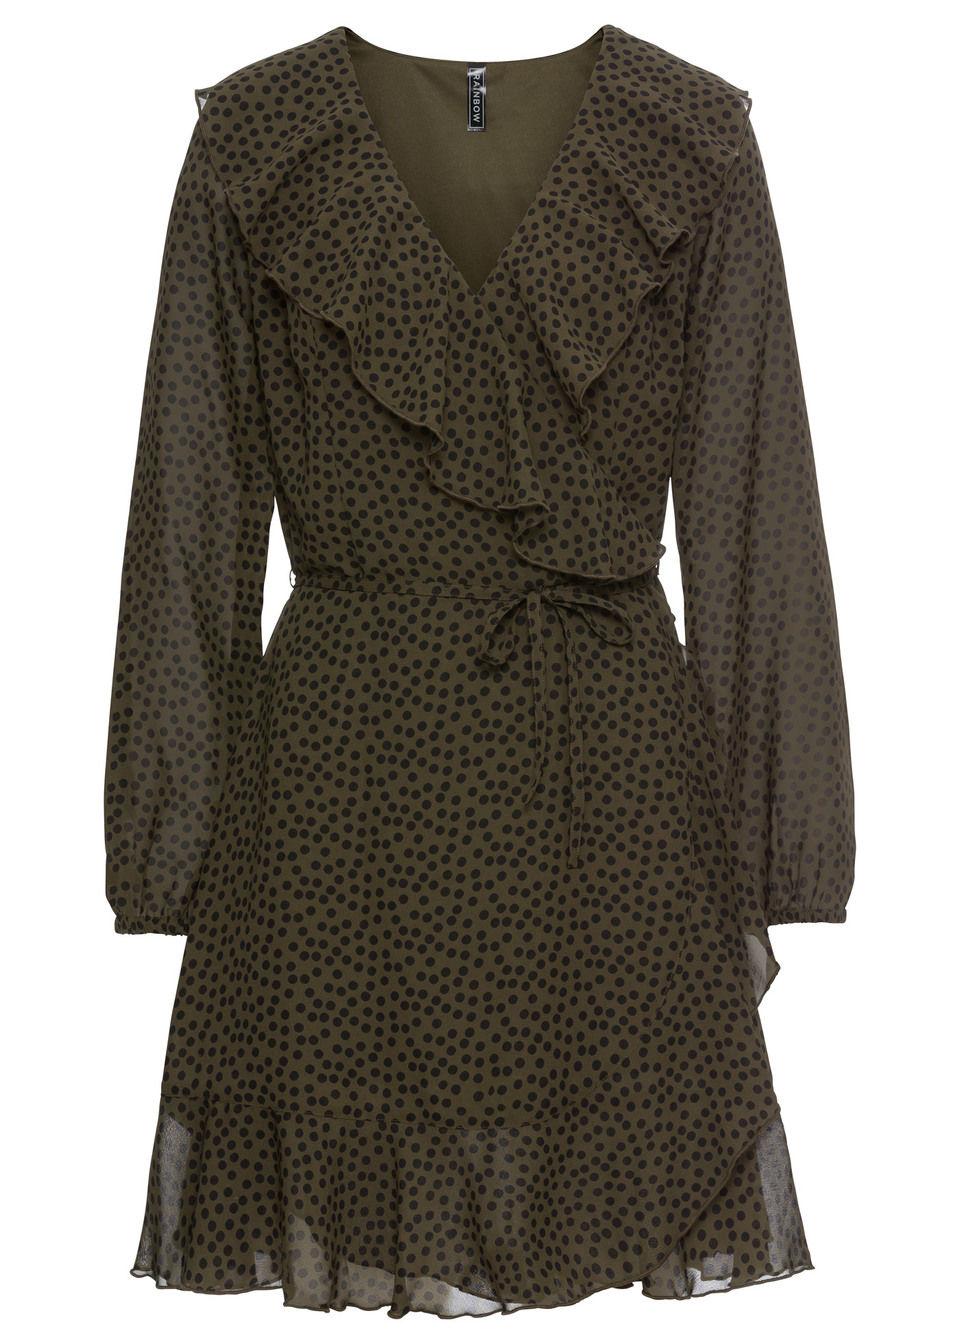 Купить Платье с эффектом запаха и воланами, bonprix, темно-оливковый-черный в горошек